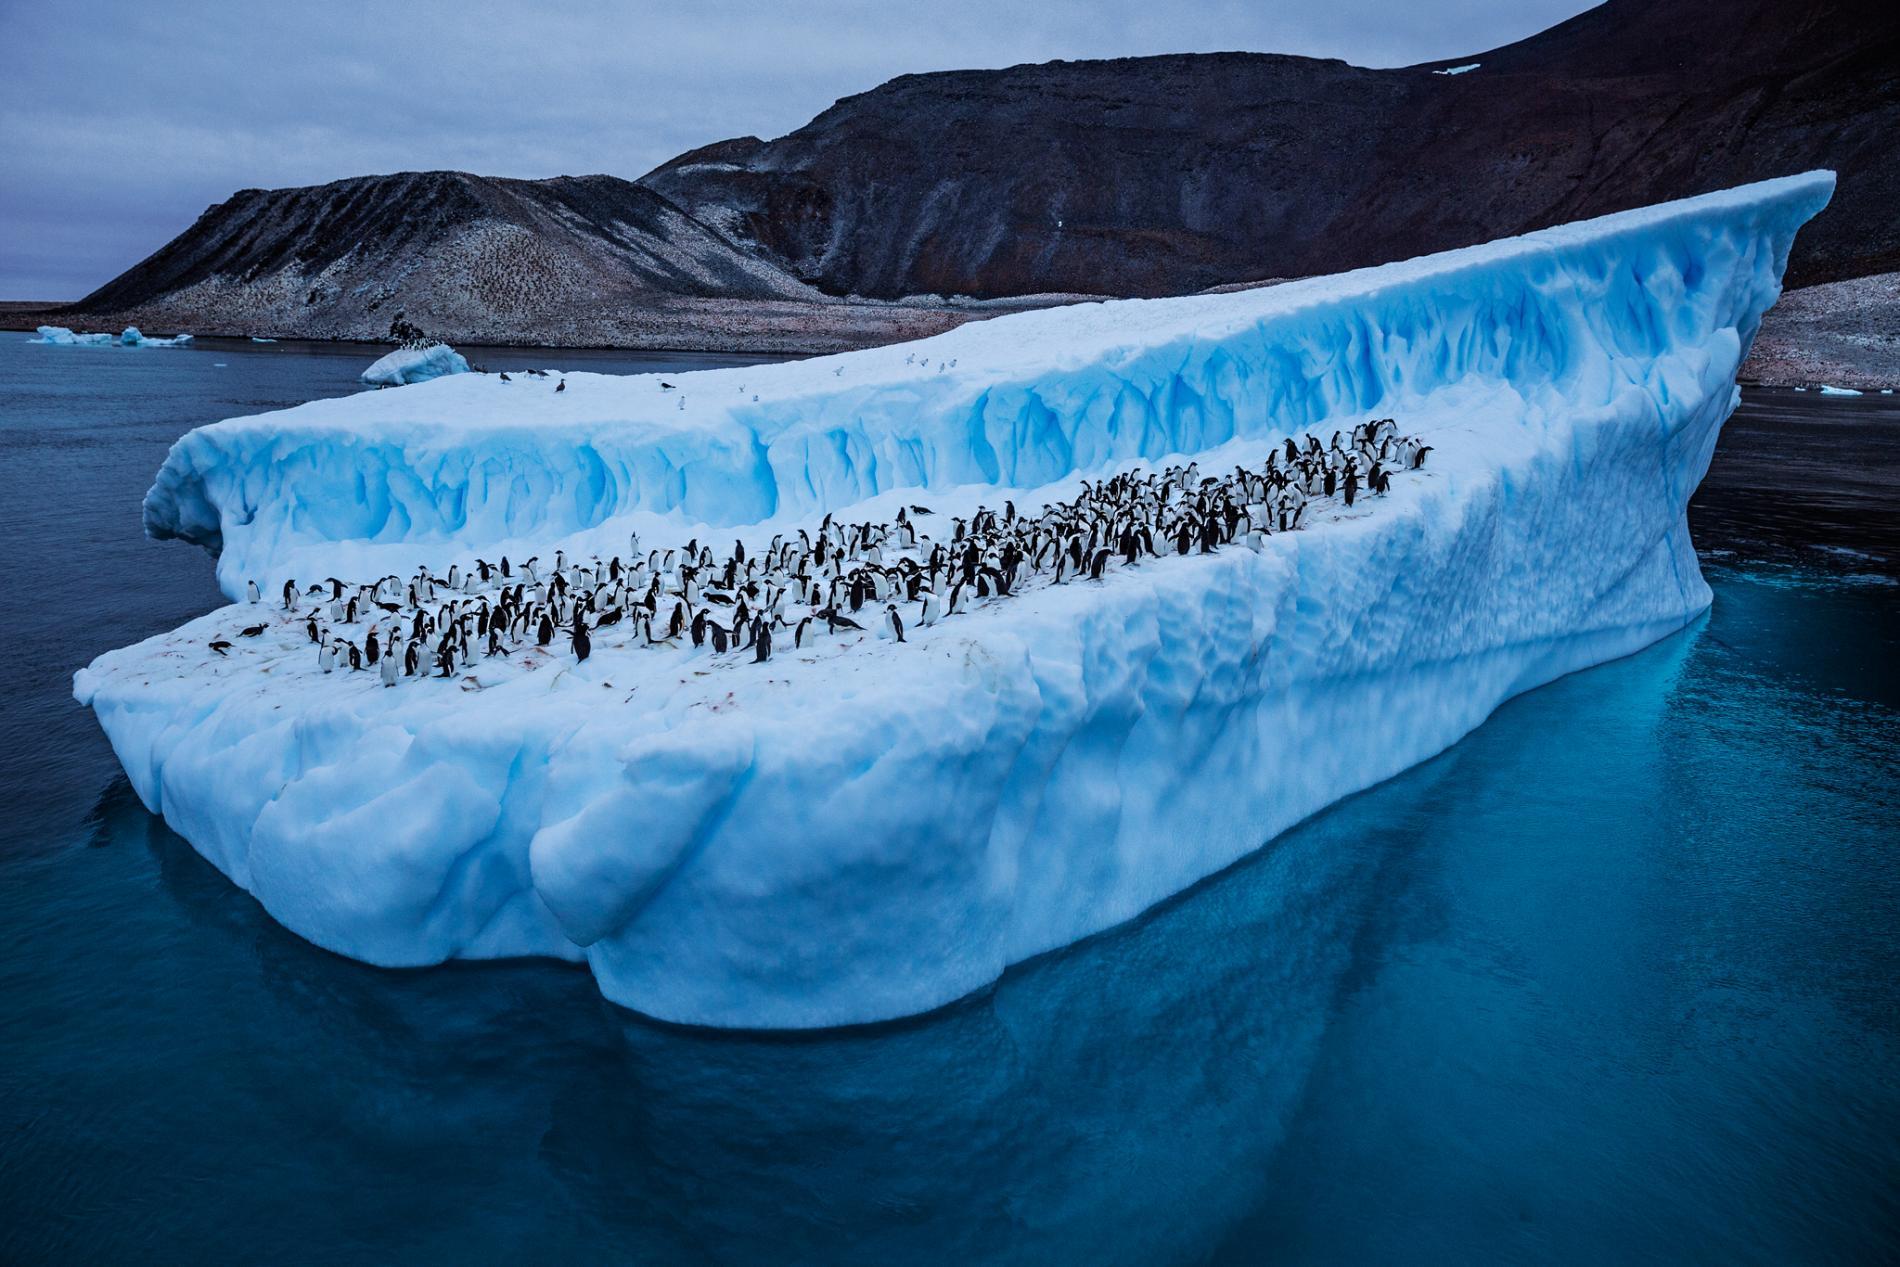 7.1 magnitude earthquake strikes near Antarctica